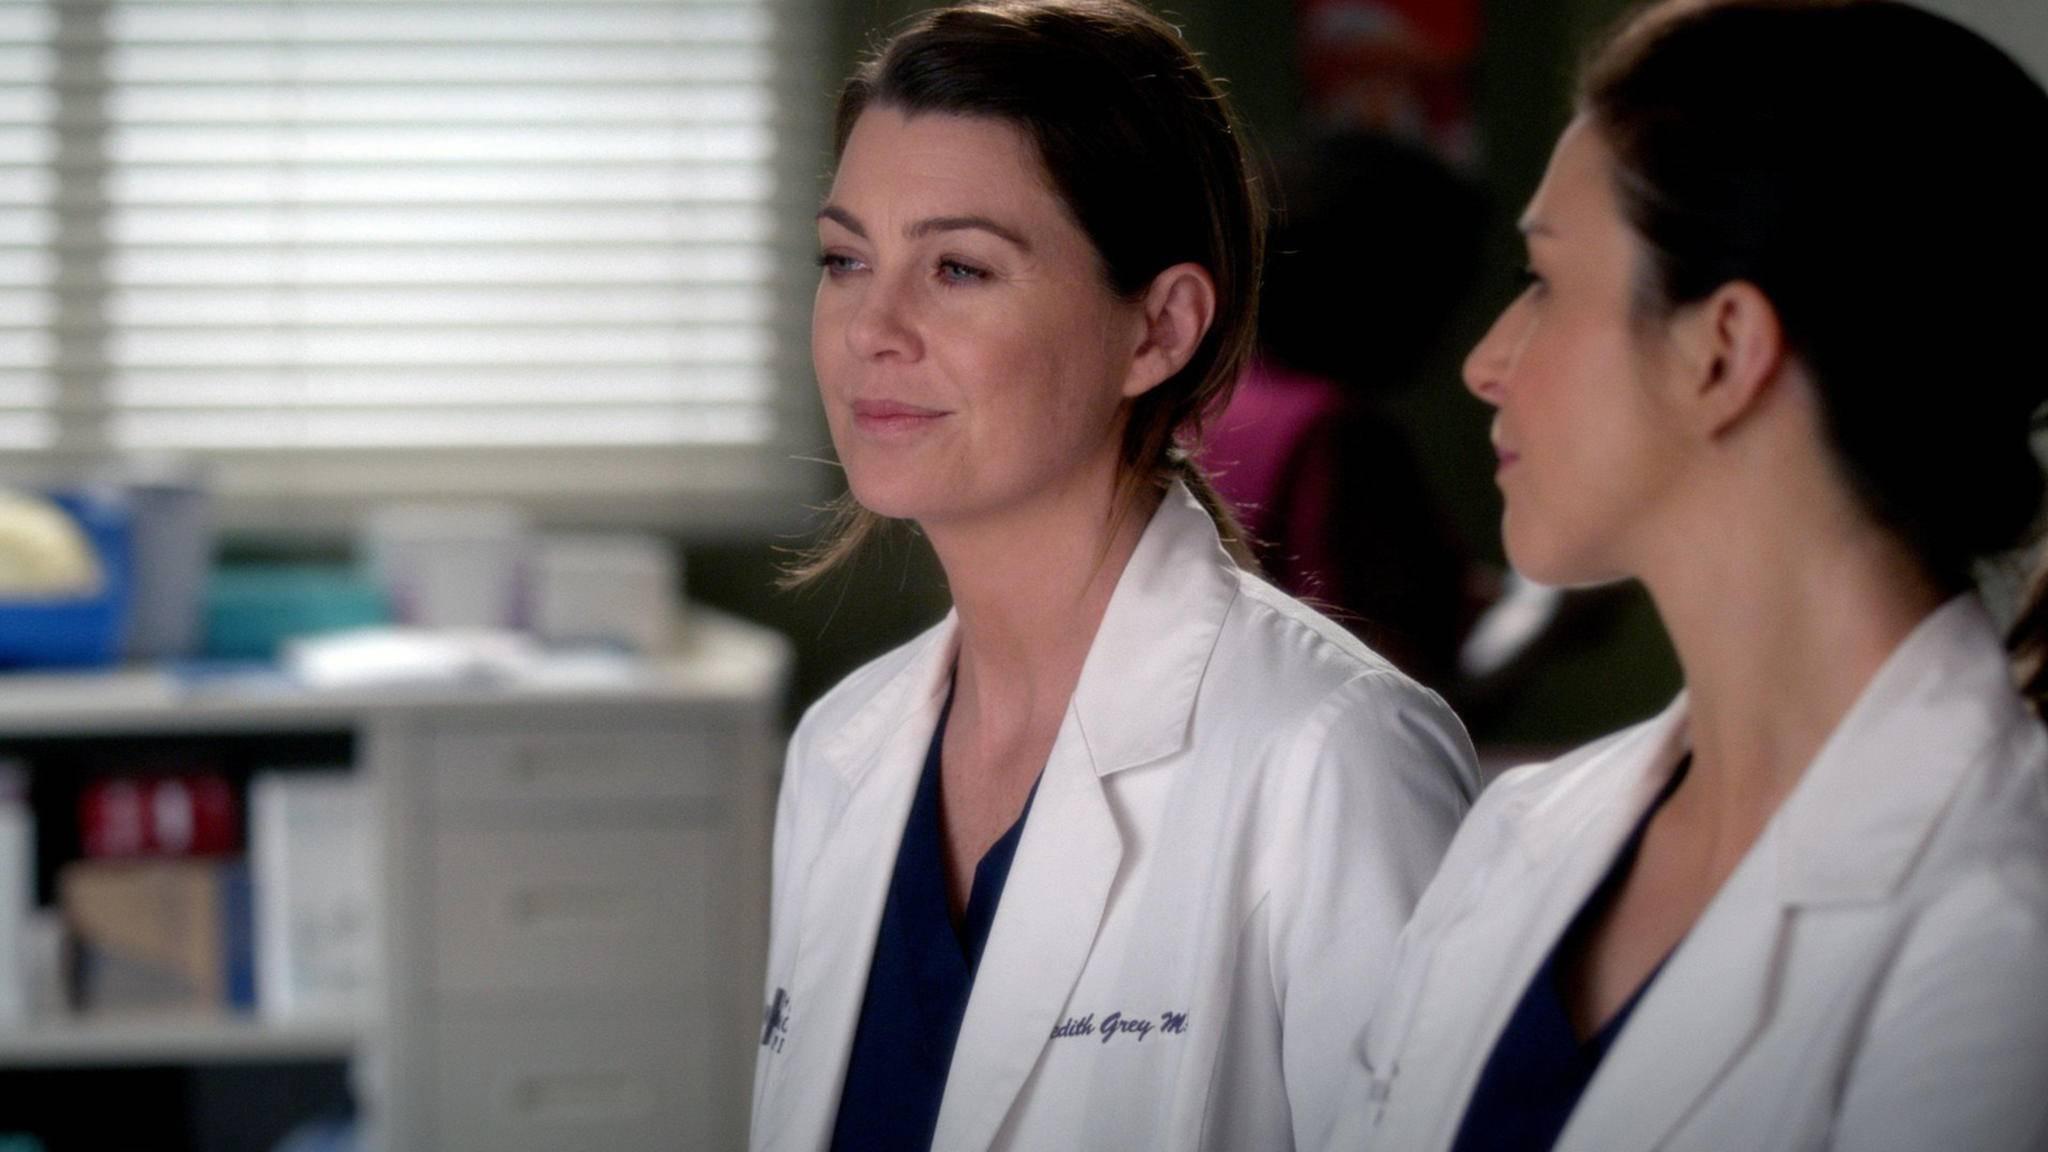 Ende in Sicht? Für Meredith könnte Staffel 16 die letzte sein.